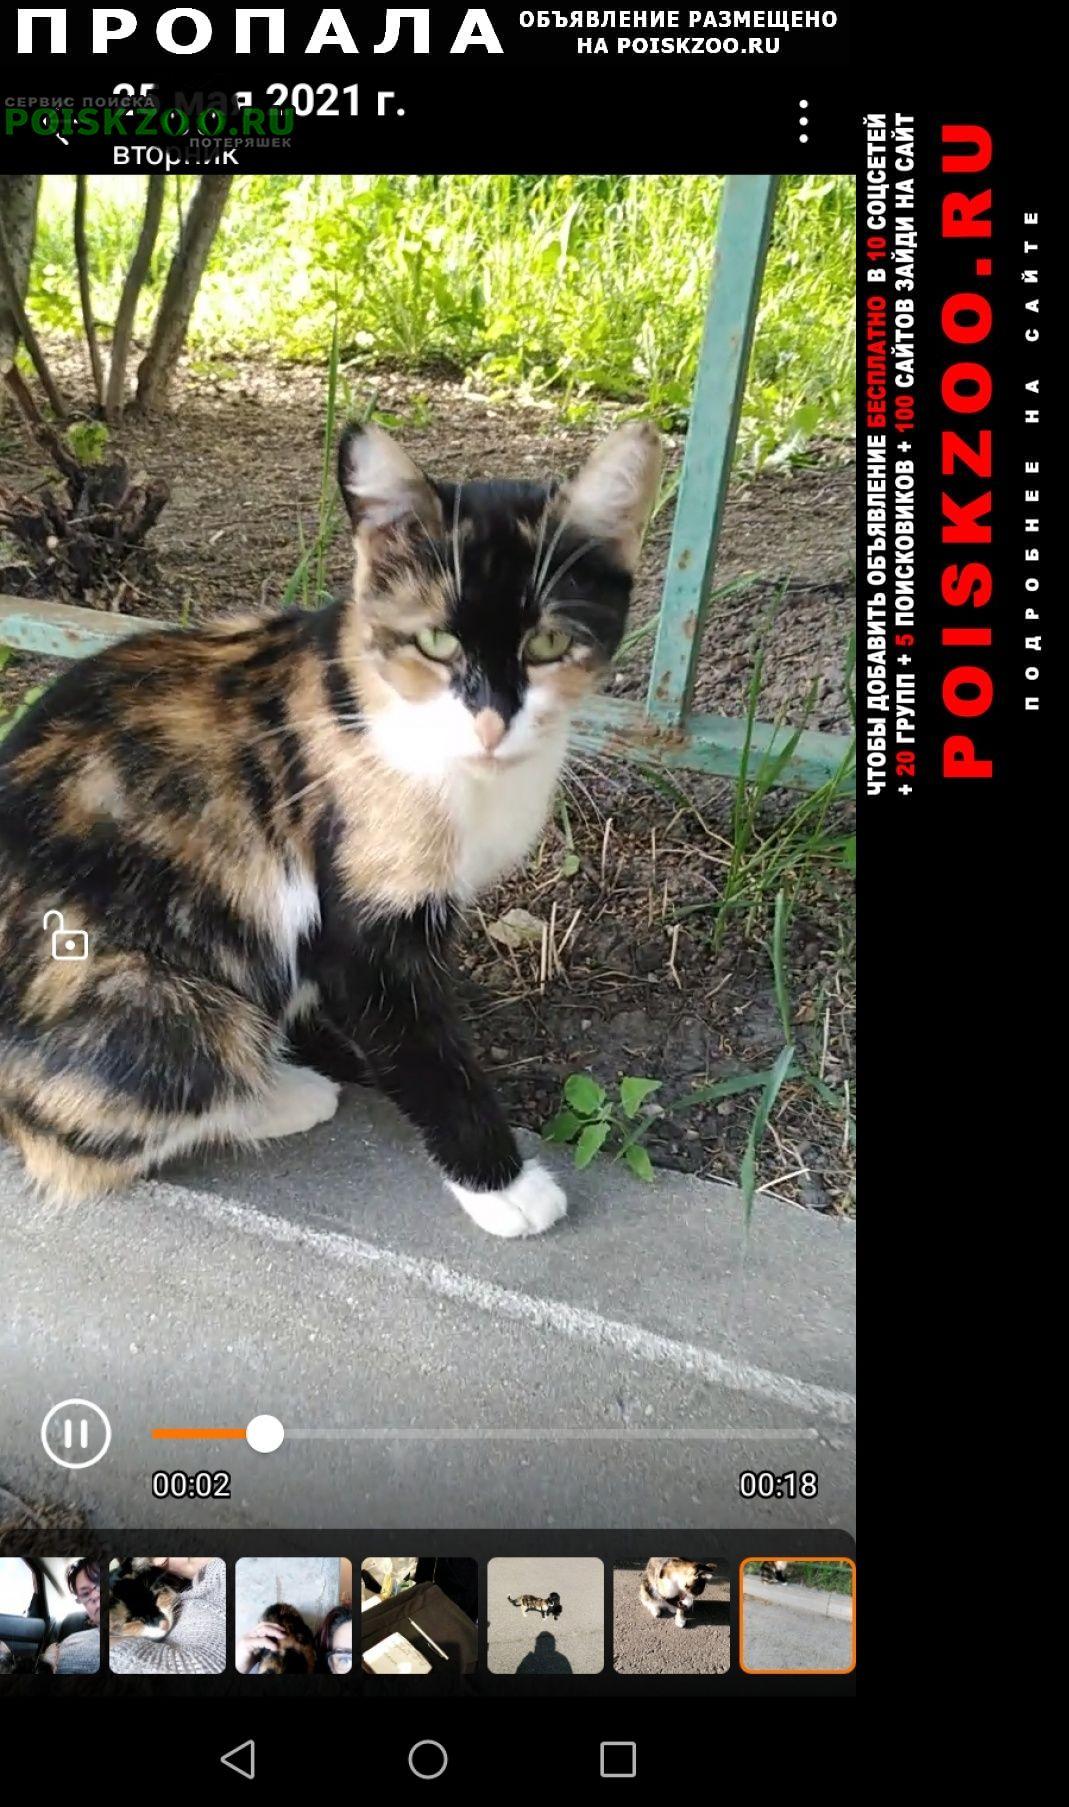 Пропала кошка маня-маняша, в деревне сел Домодедово